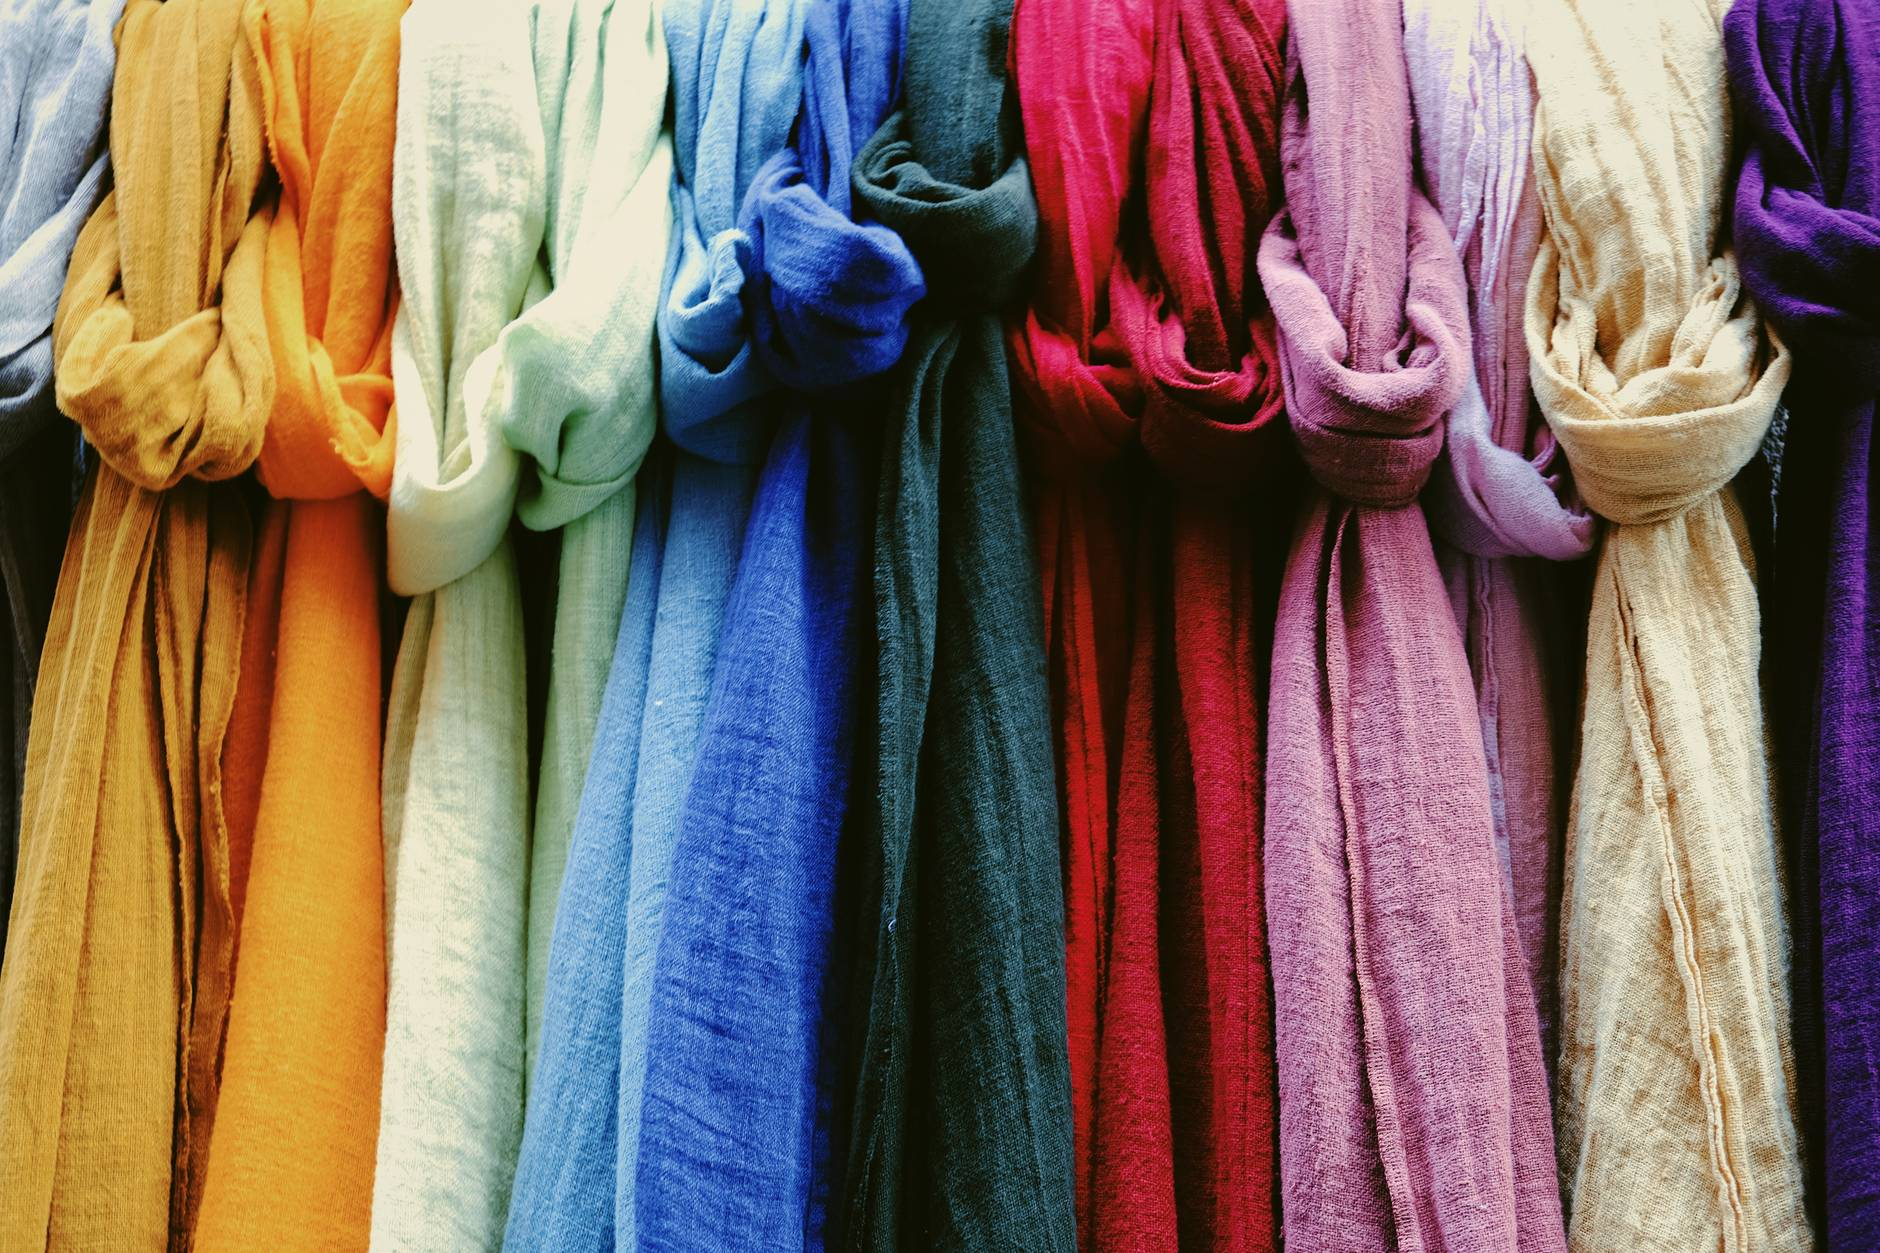 multicolored linen fabrics for sale in shop